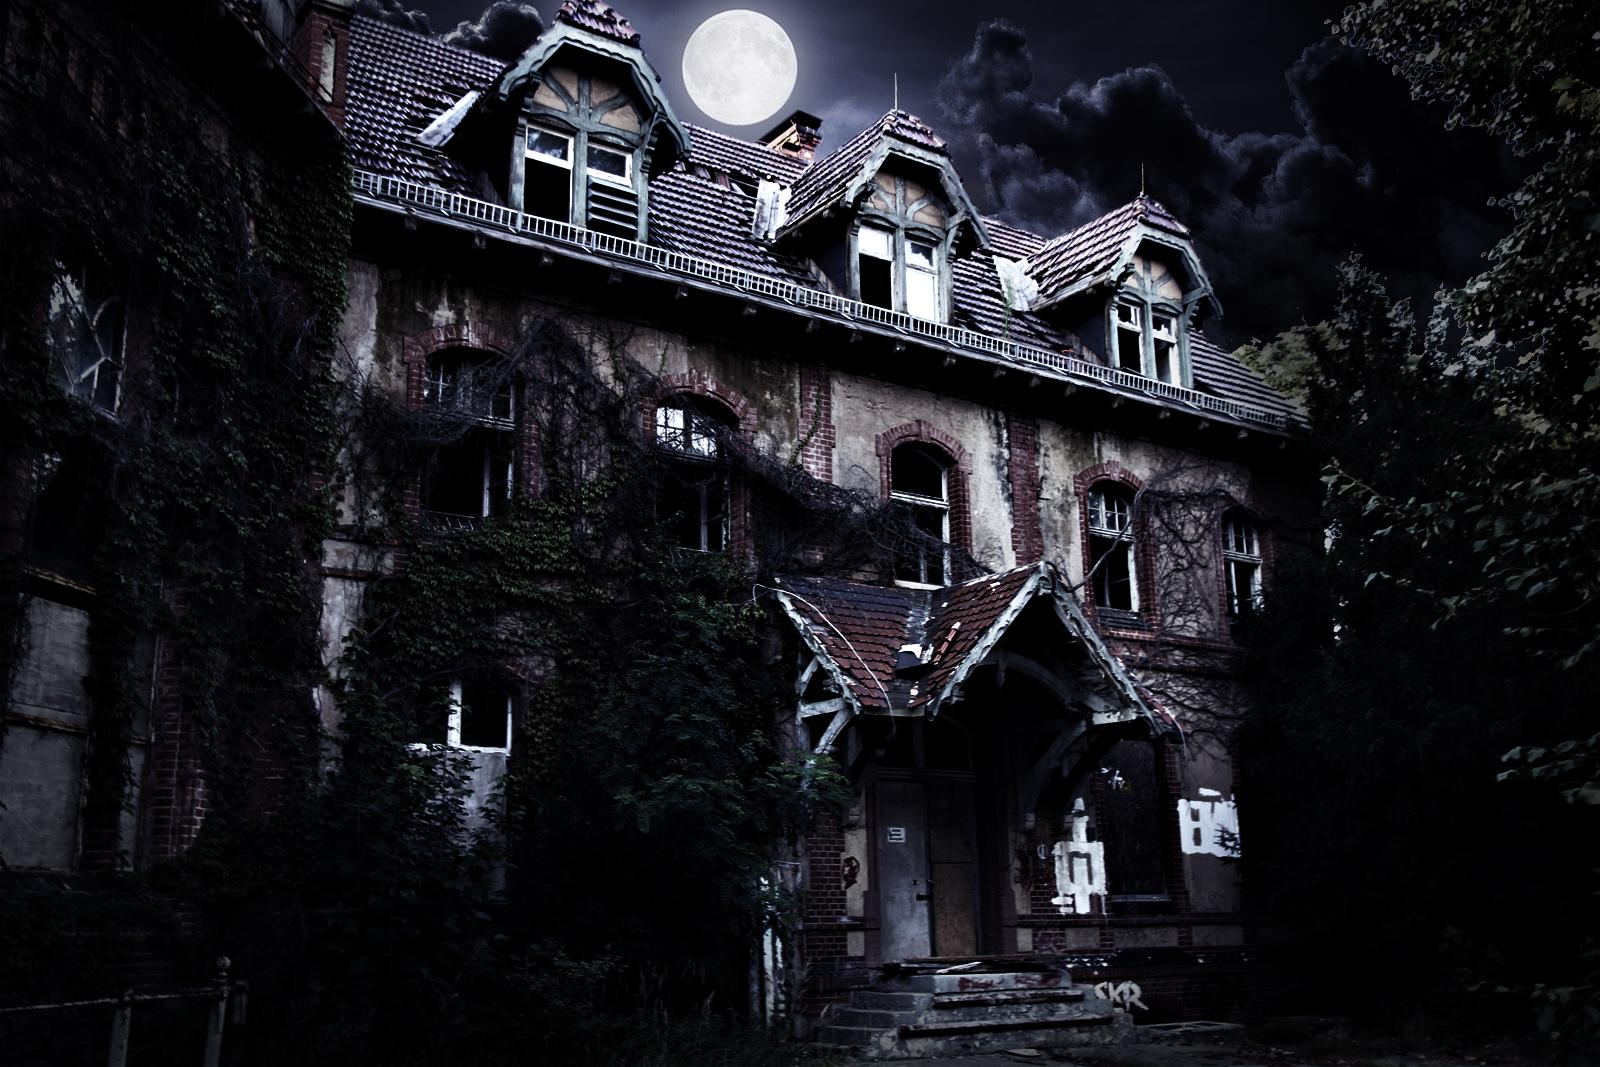 Beelitz Heilstaetten villa dark style by cyrax-pdm